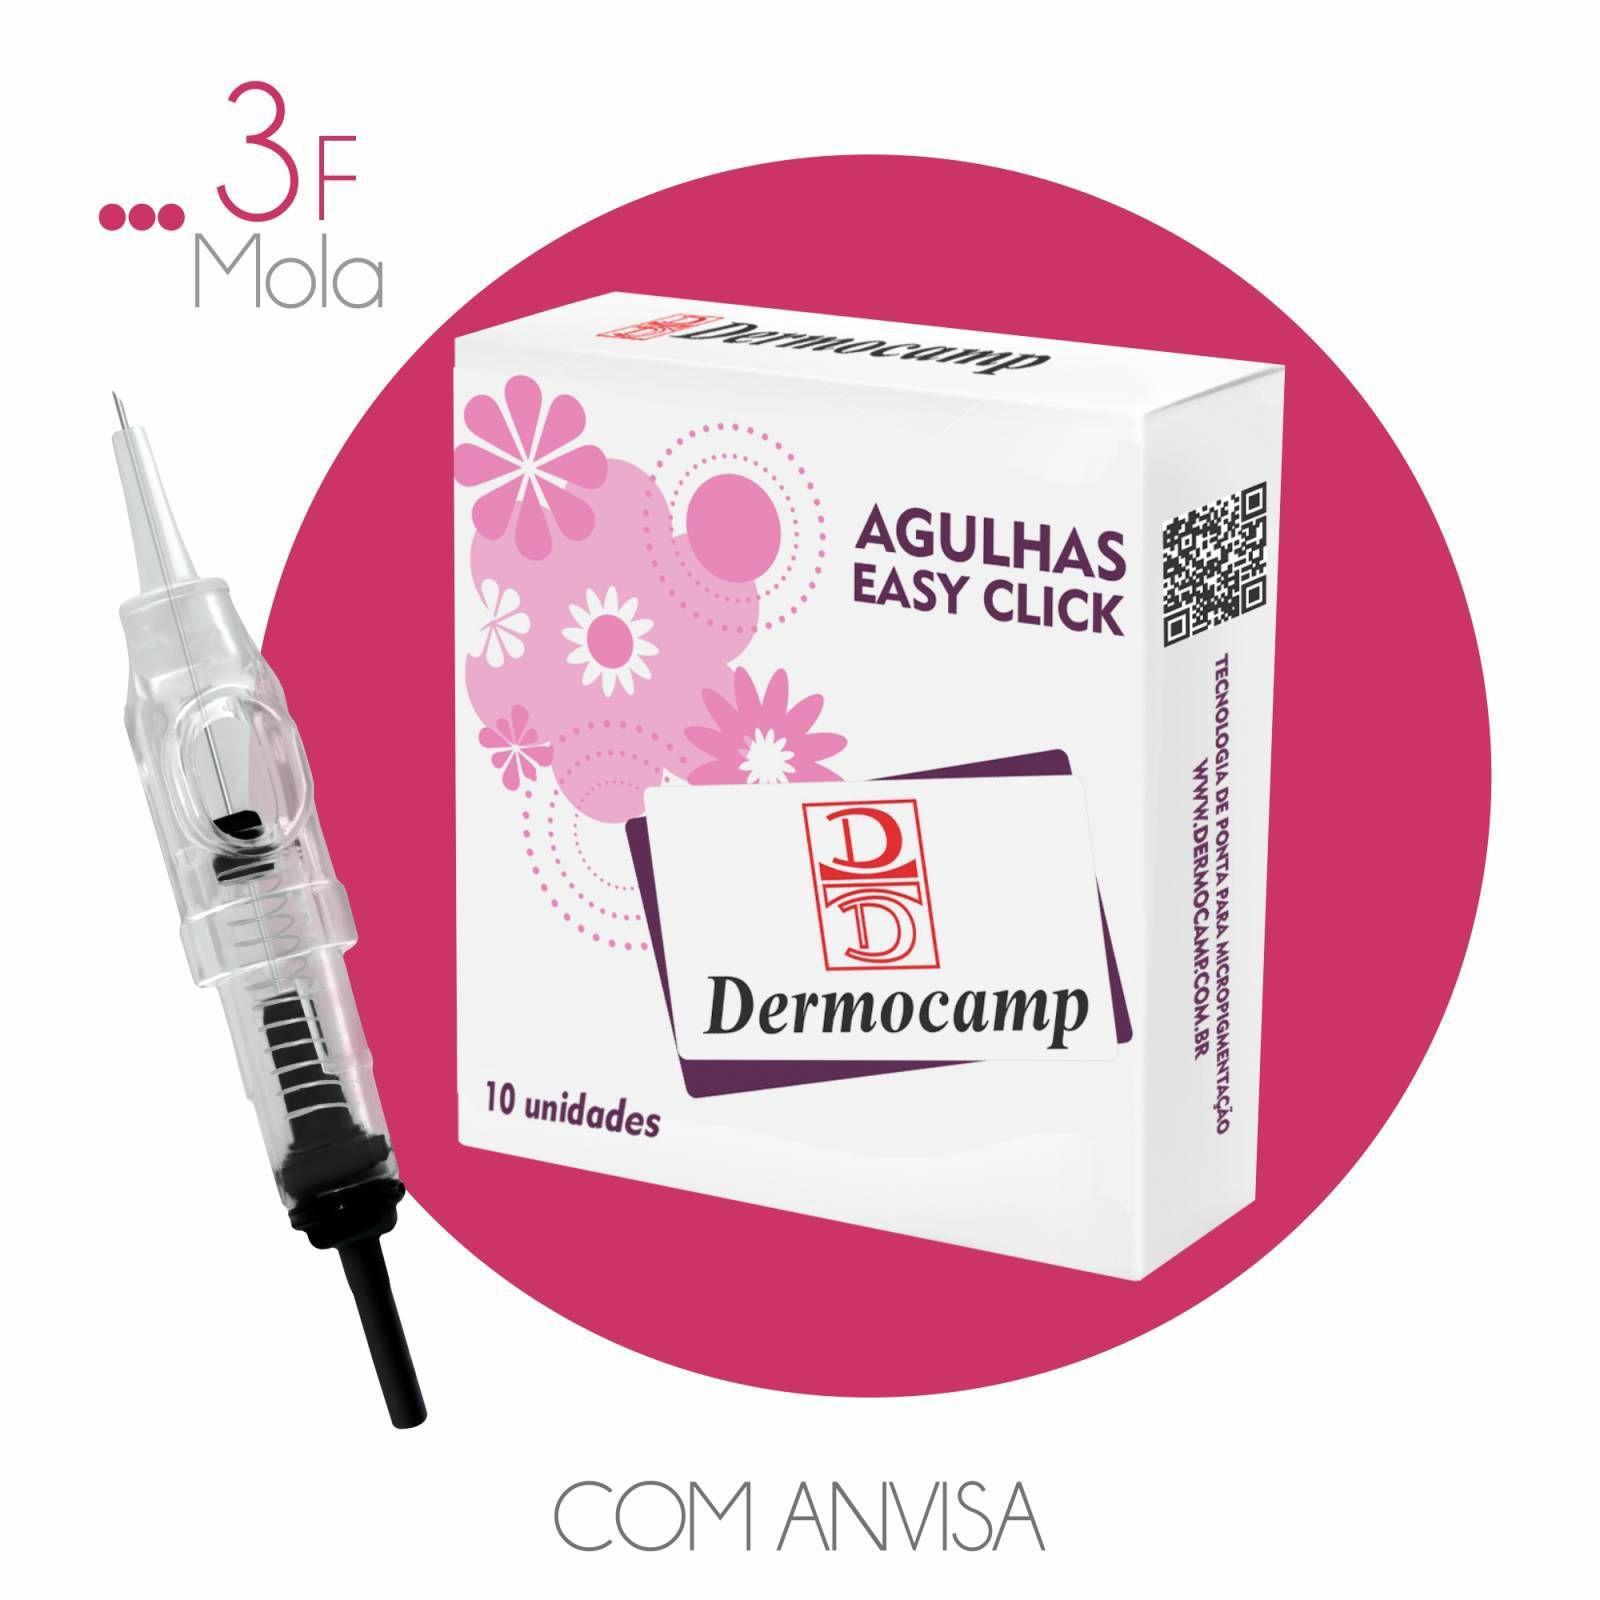 AGULHA EASY CLICK DERMOCAMP DE 3 PONTAS LINEAR - MOLA  (REGISTRADO NA ANVISA)  - Misstética